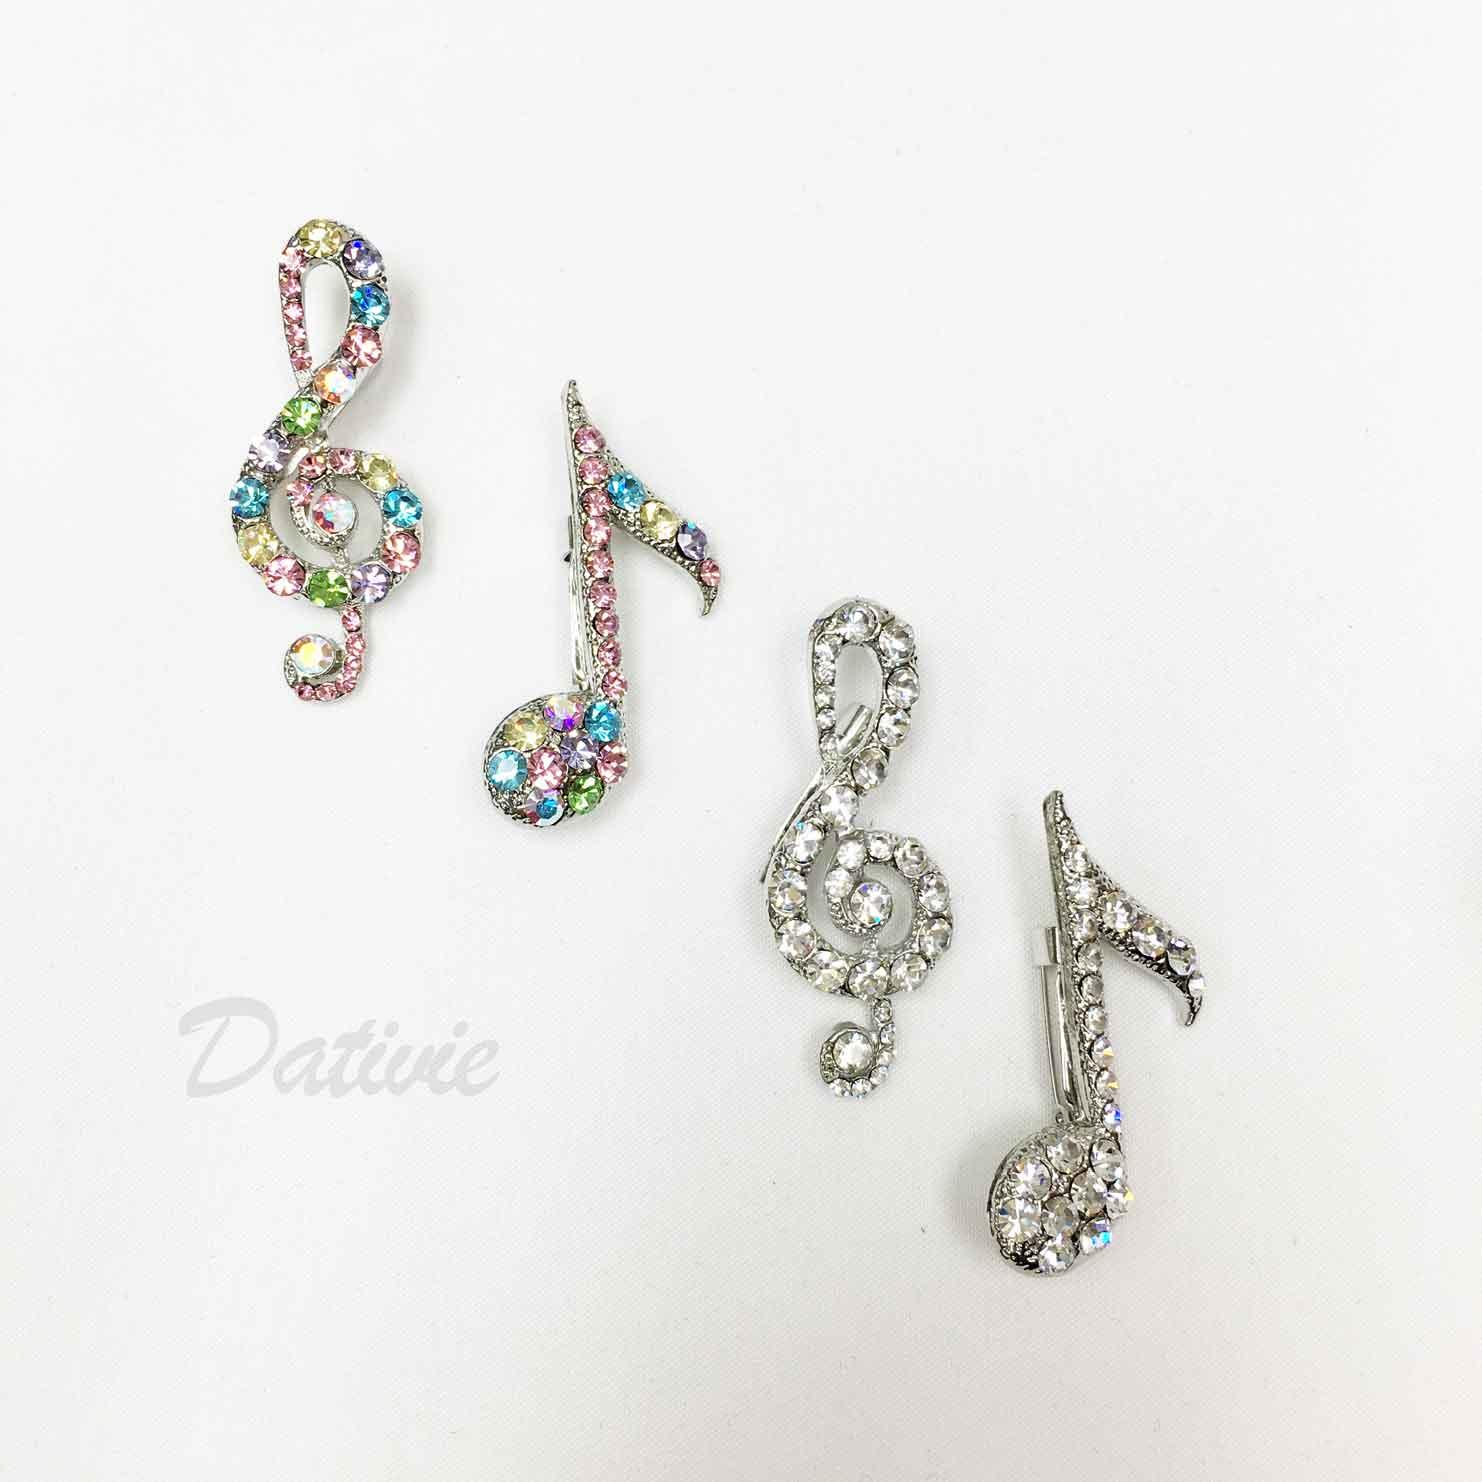 音符 彩色水鑽 一組兩款 白鑽 可愛 兩色 二入一組 胸針